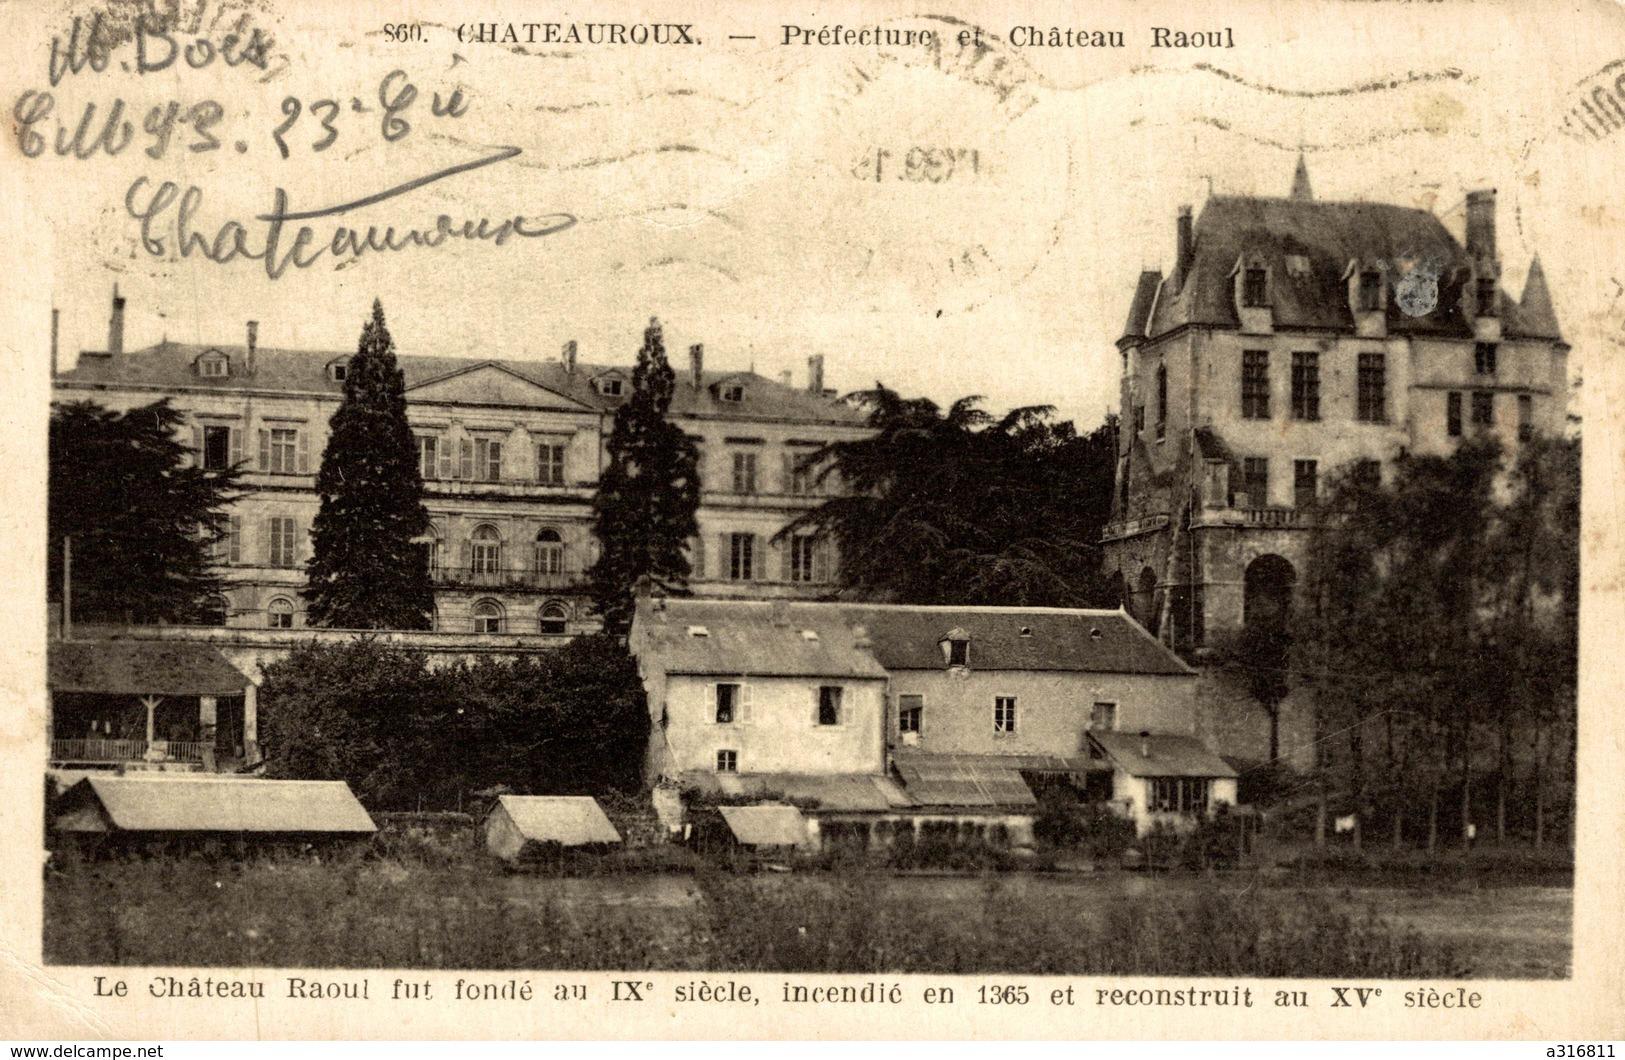 CHÂTEAUROUX PRÉFECTURE ET CHÂTEAU RAOUL - Chateauroux